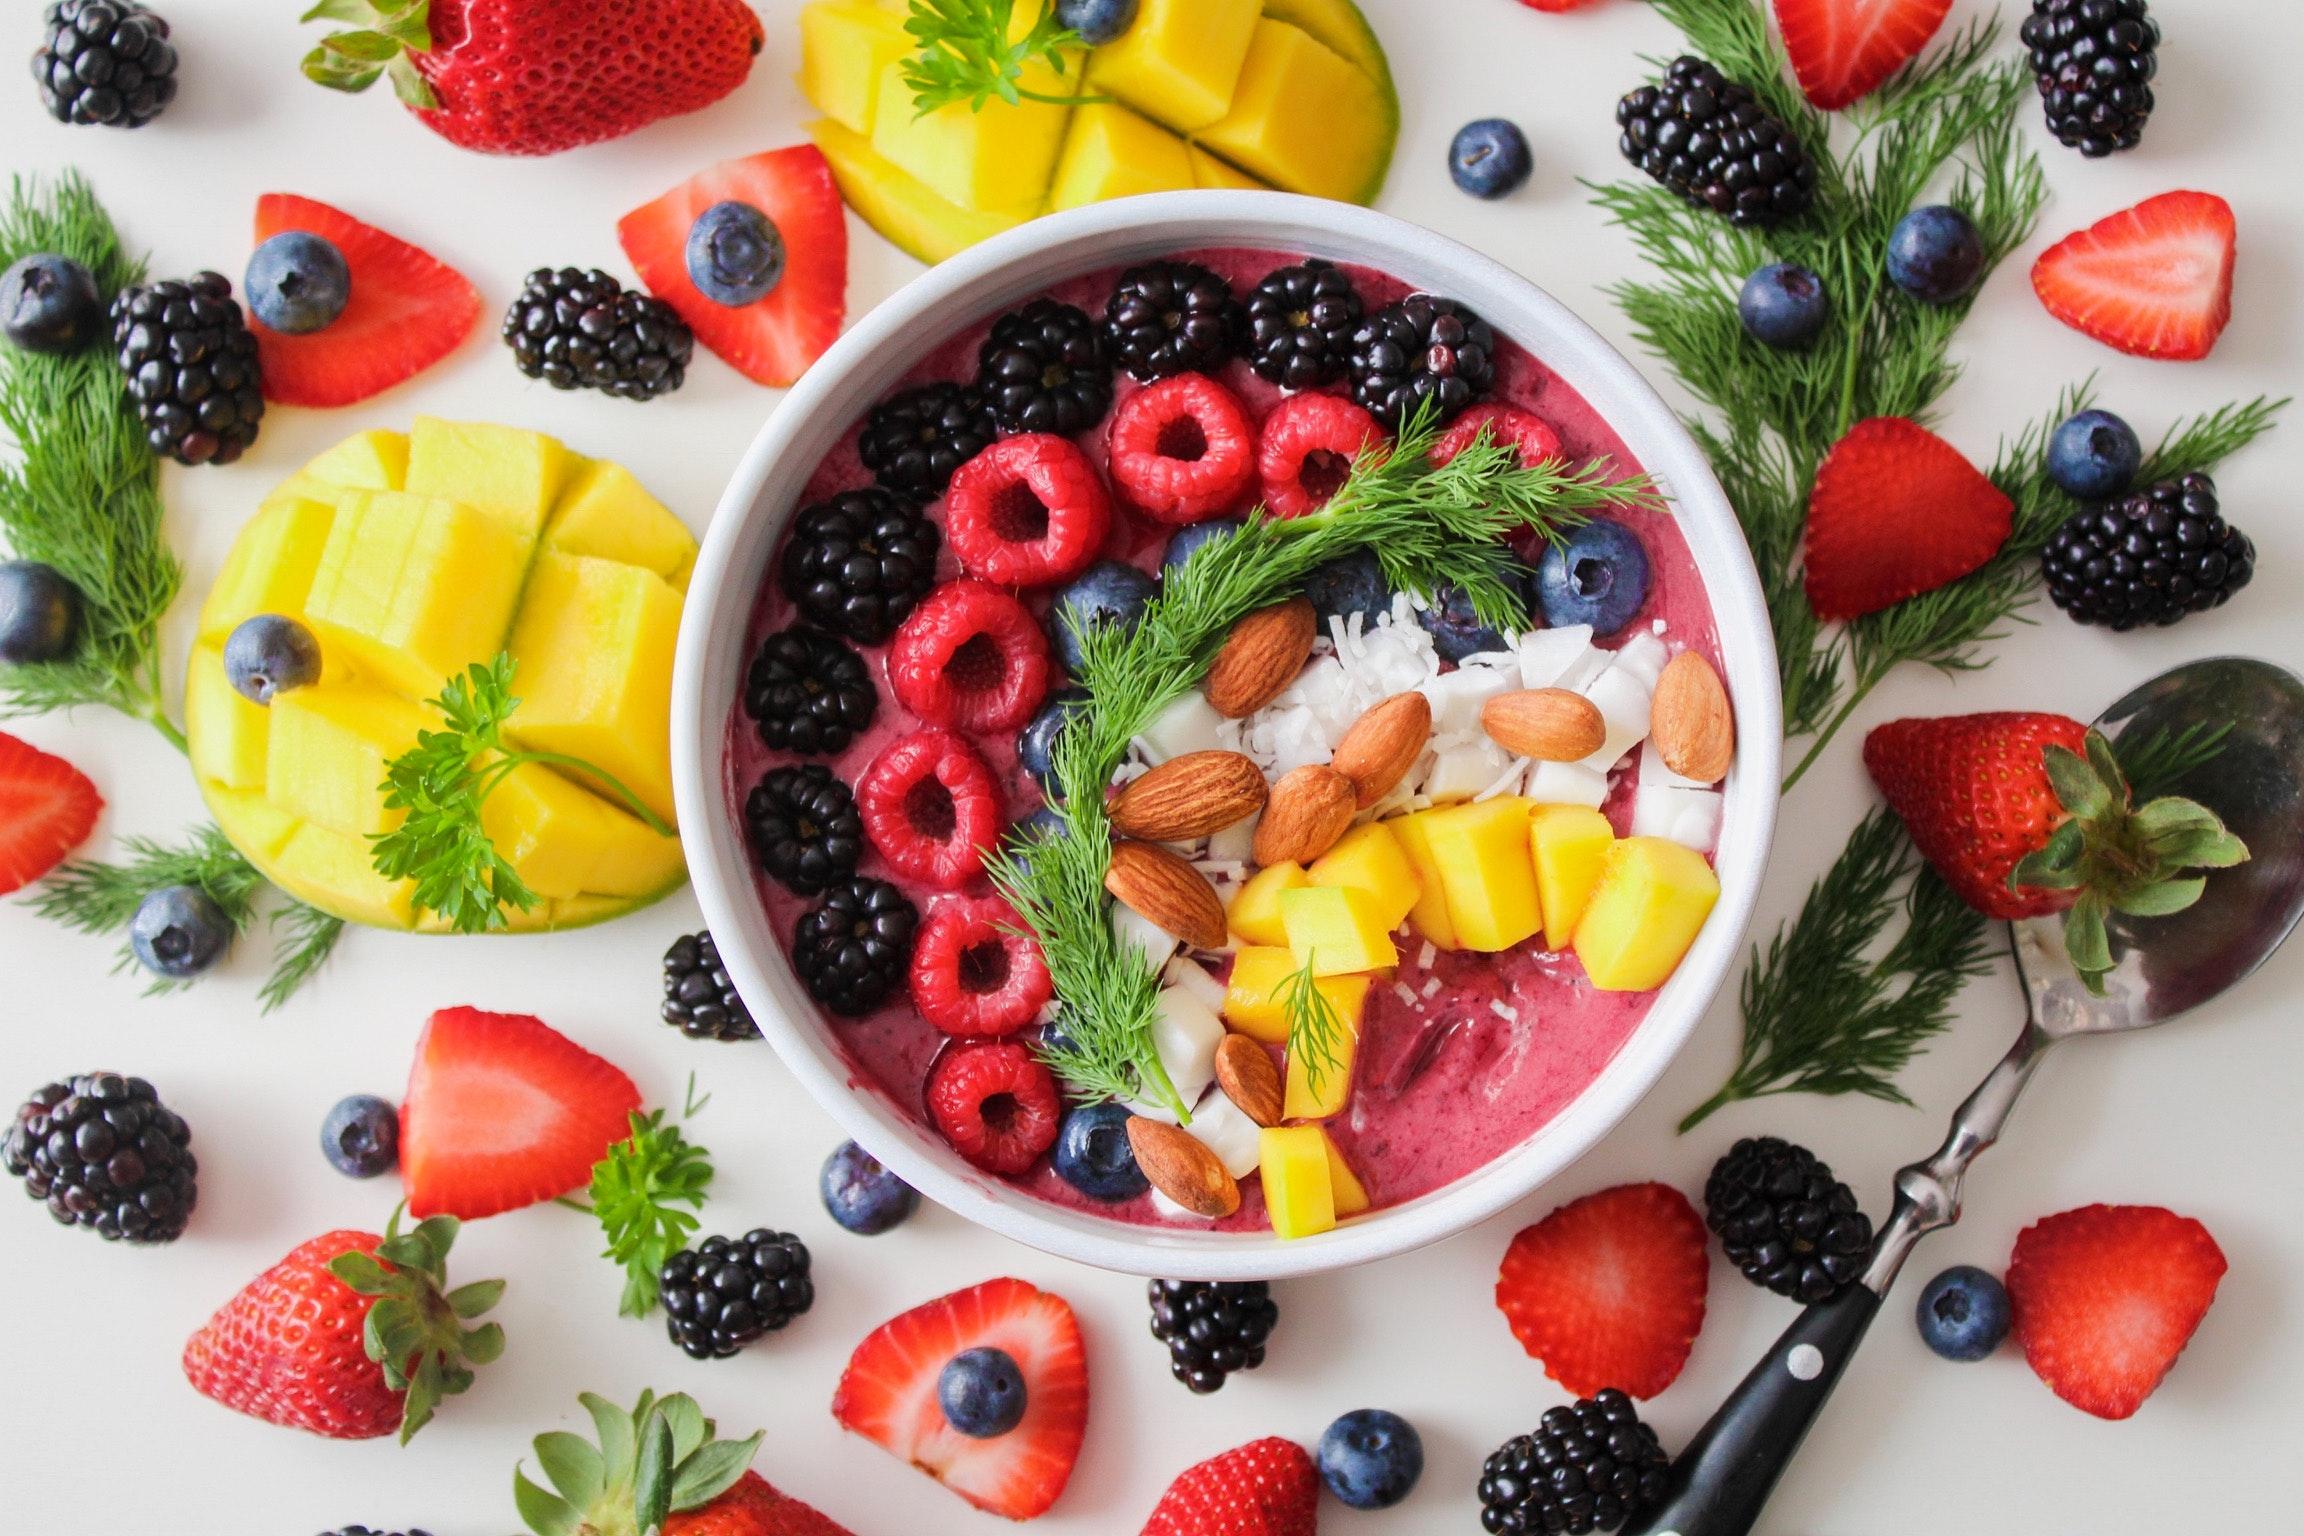 healthy kids food paediatric nutritionist dietitian